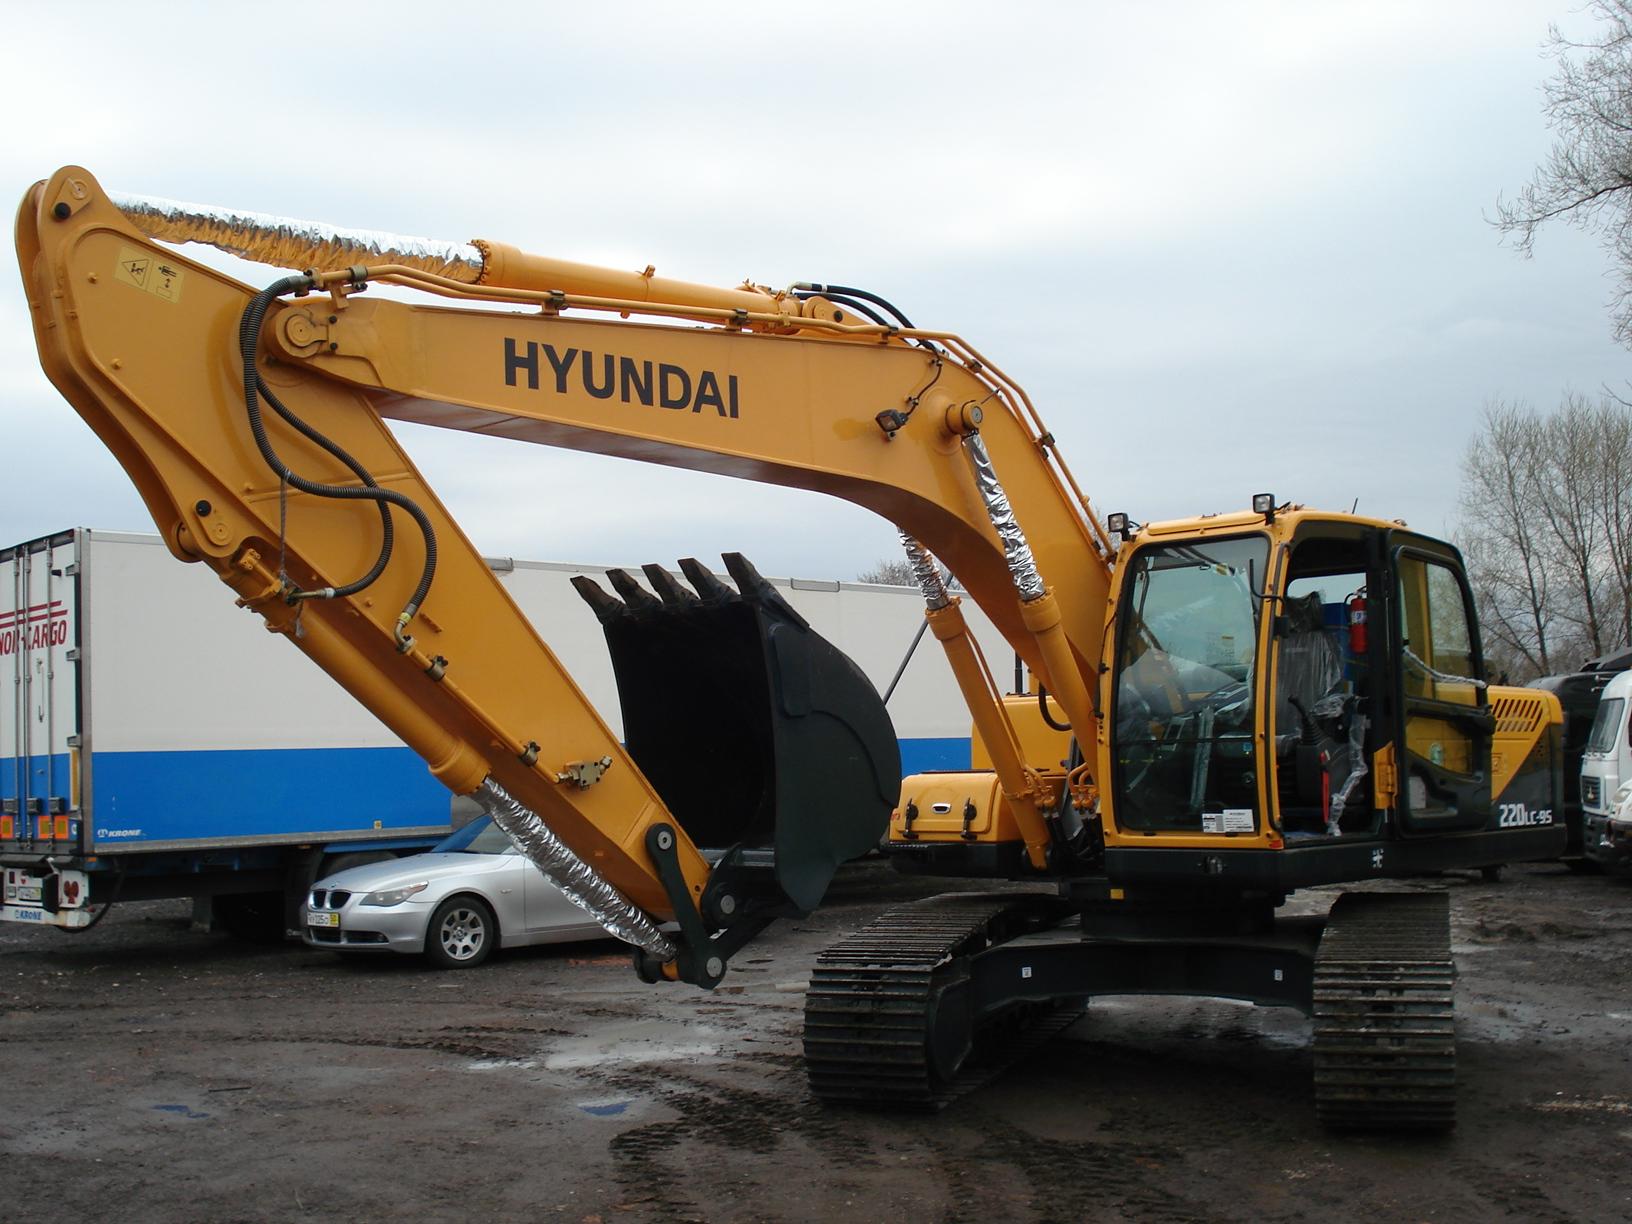 Внешний вид экскаватора Hyundai R220LC 9S